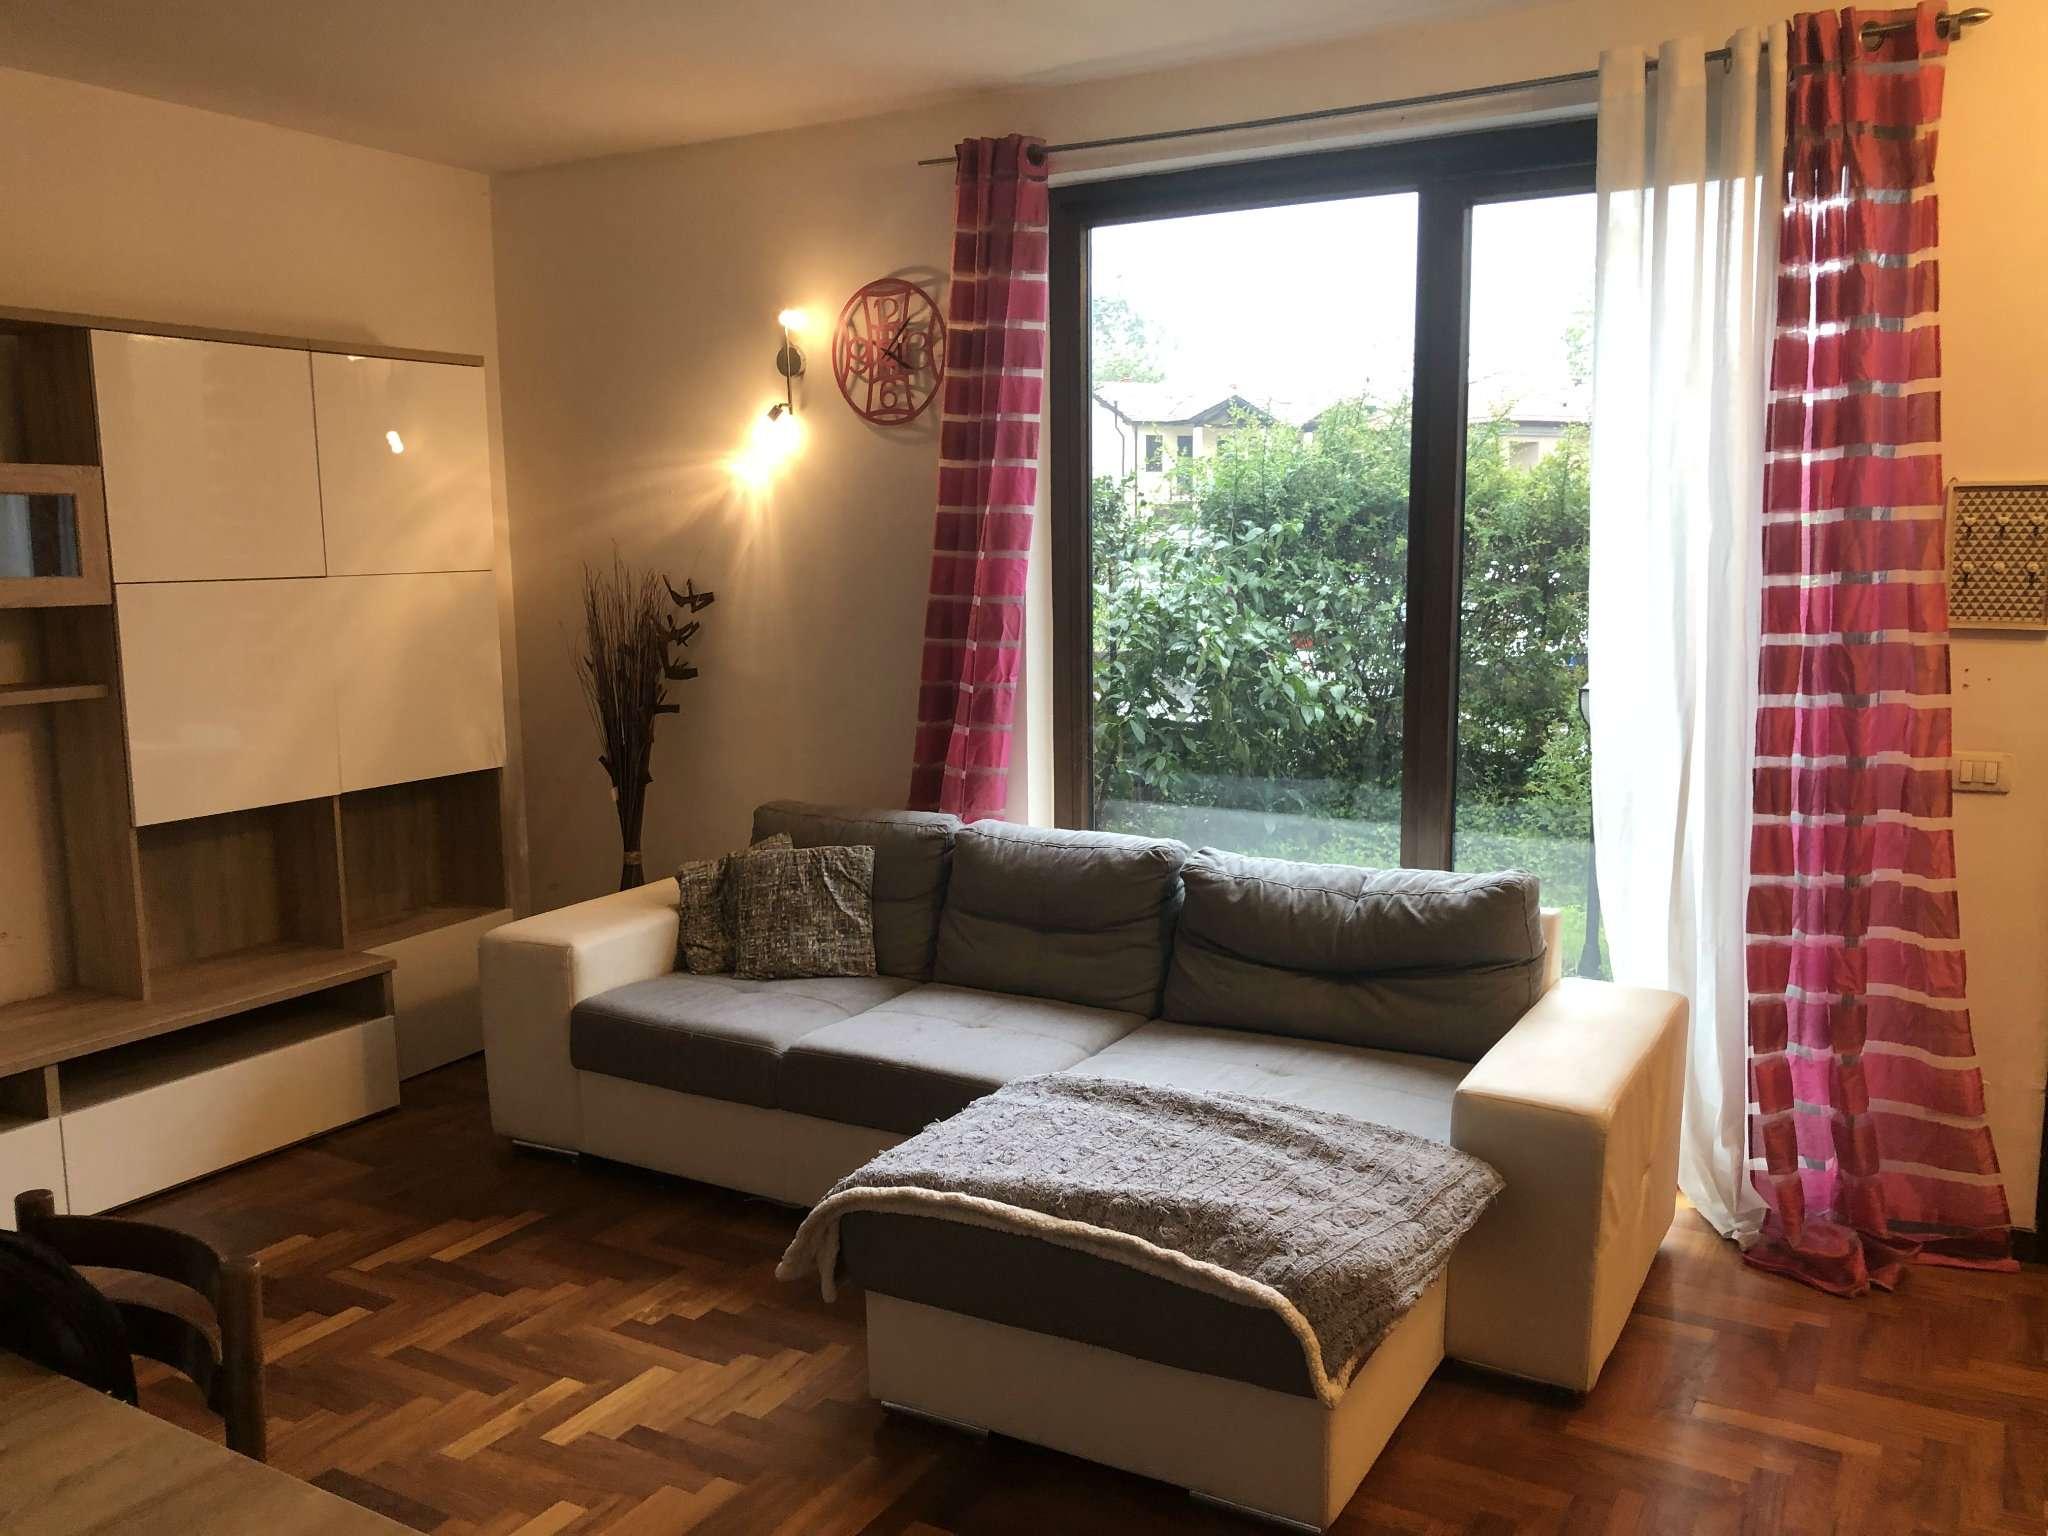 Villa in vendita a Daverio, 4 locali, prezzo € 185.000 | PortaleAgenzieImmobiliari.it